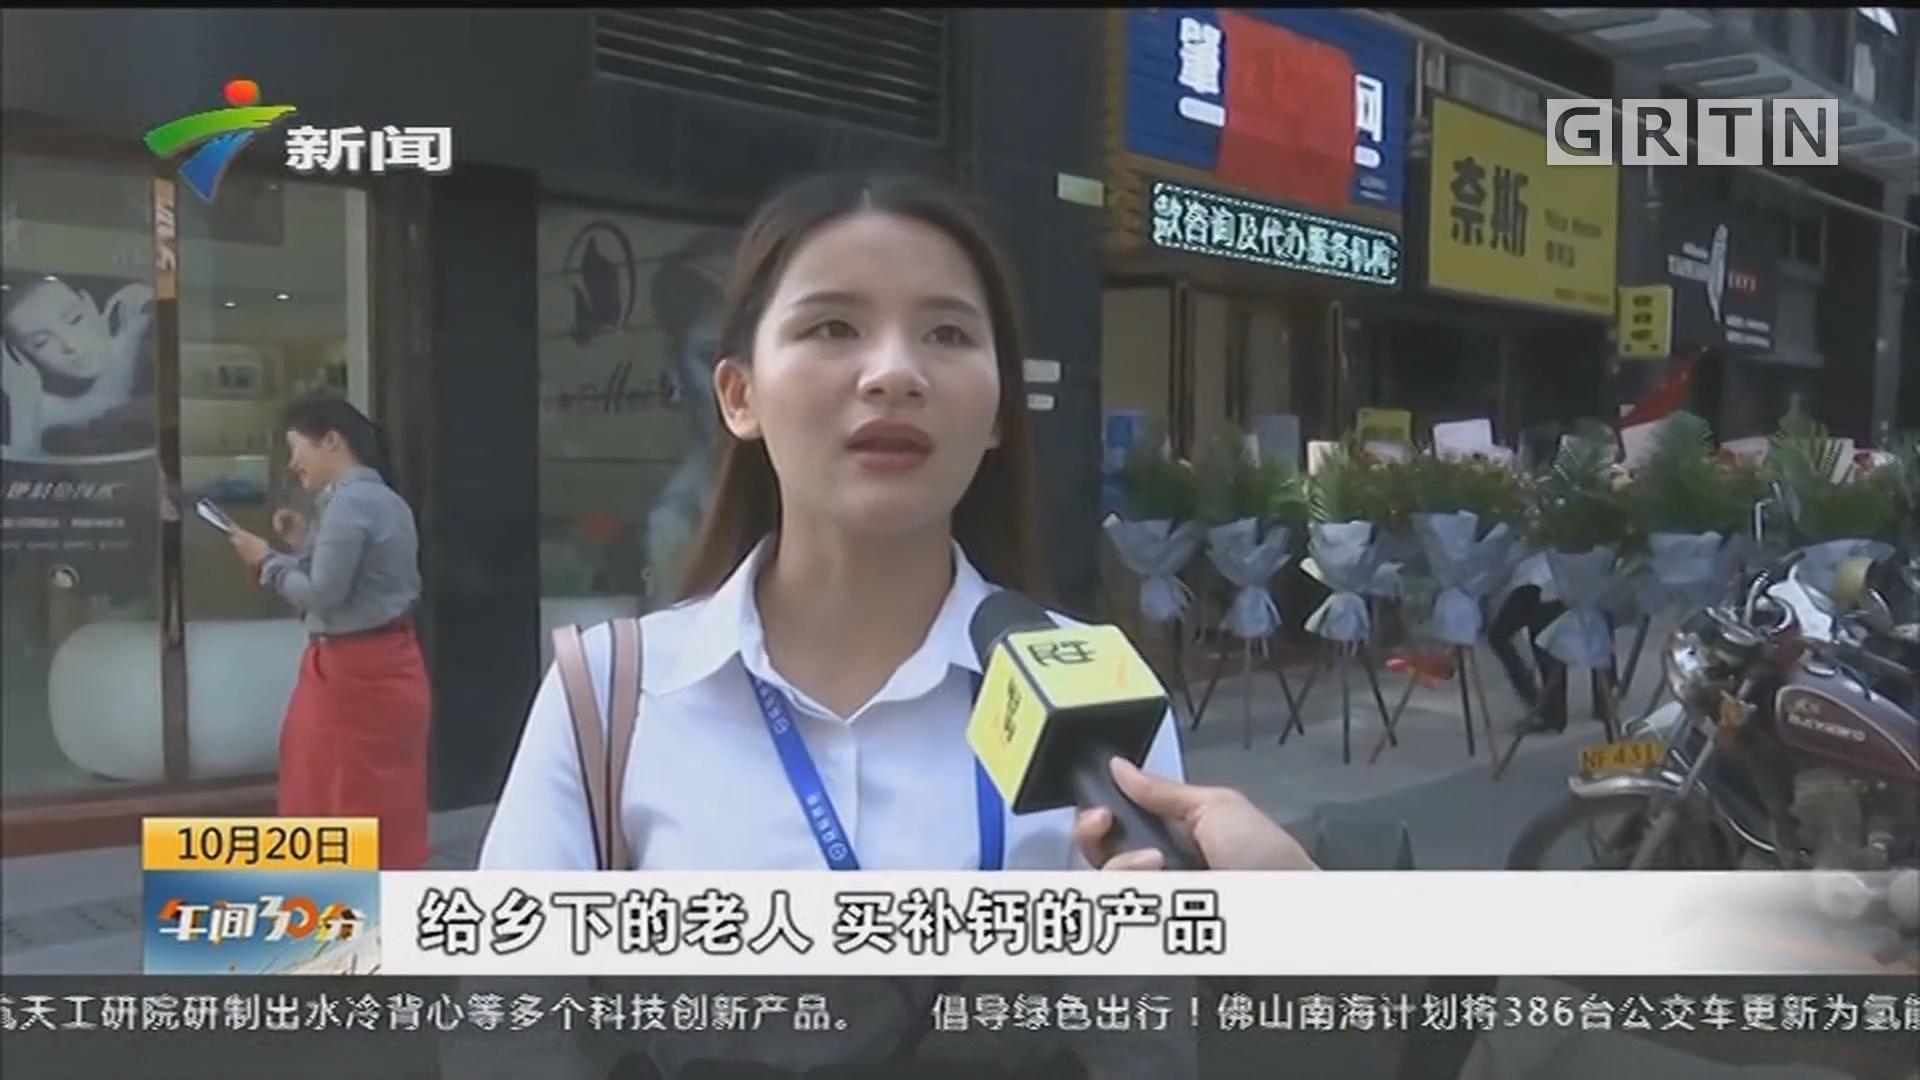 肇庆:保健品管理新规出台 市民该如何选购?